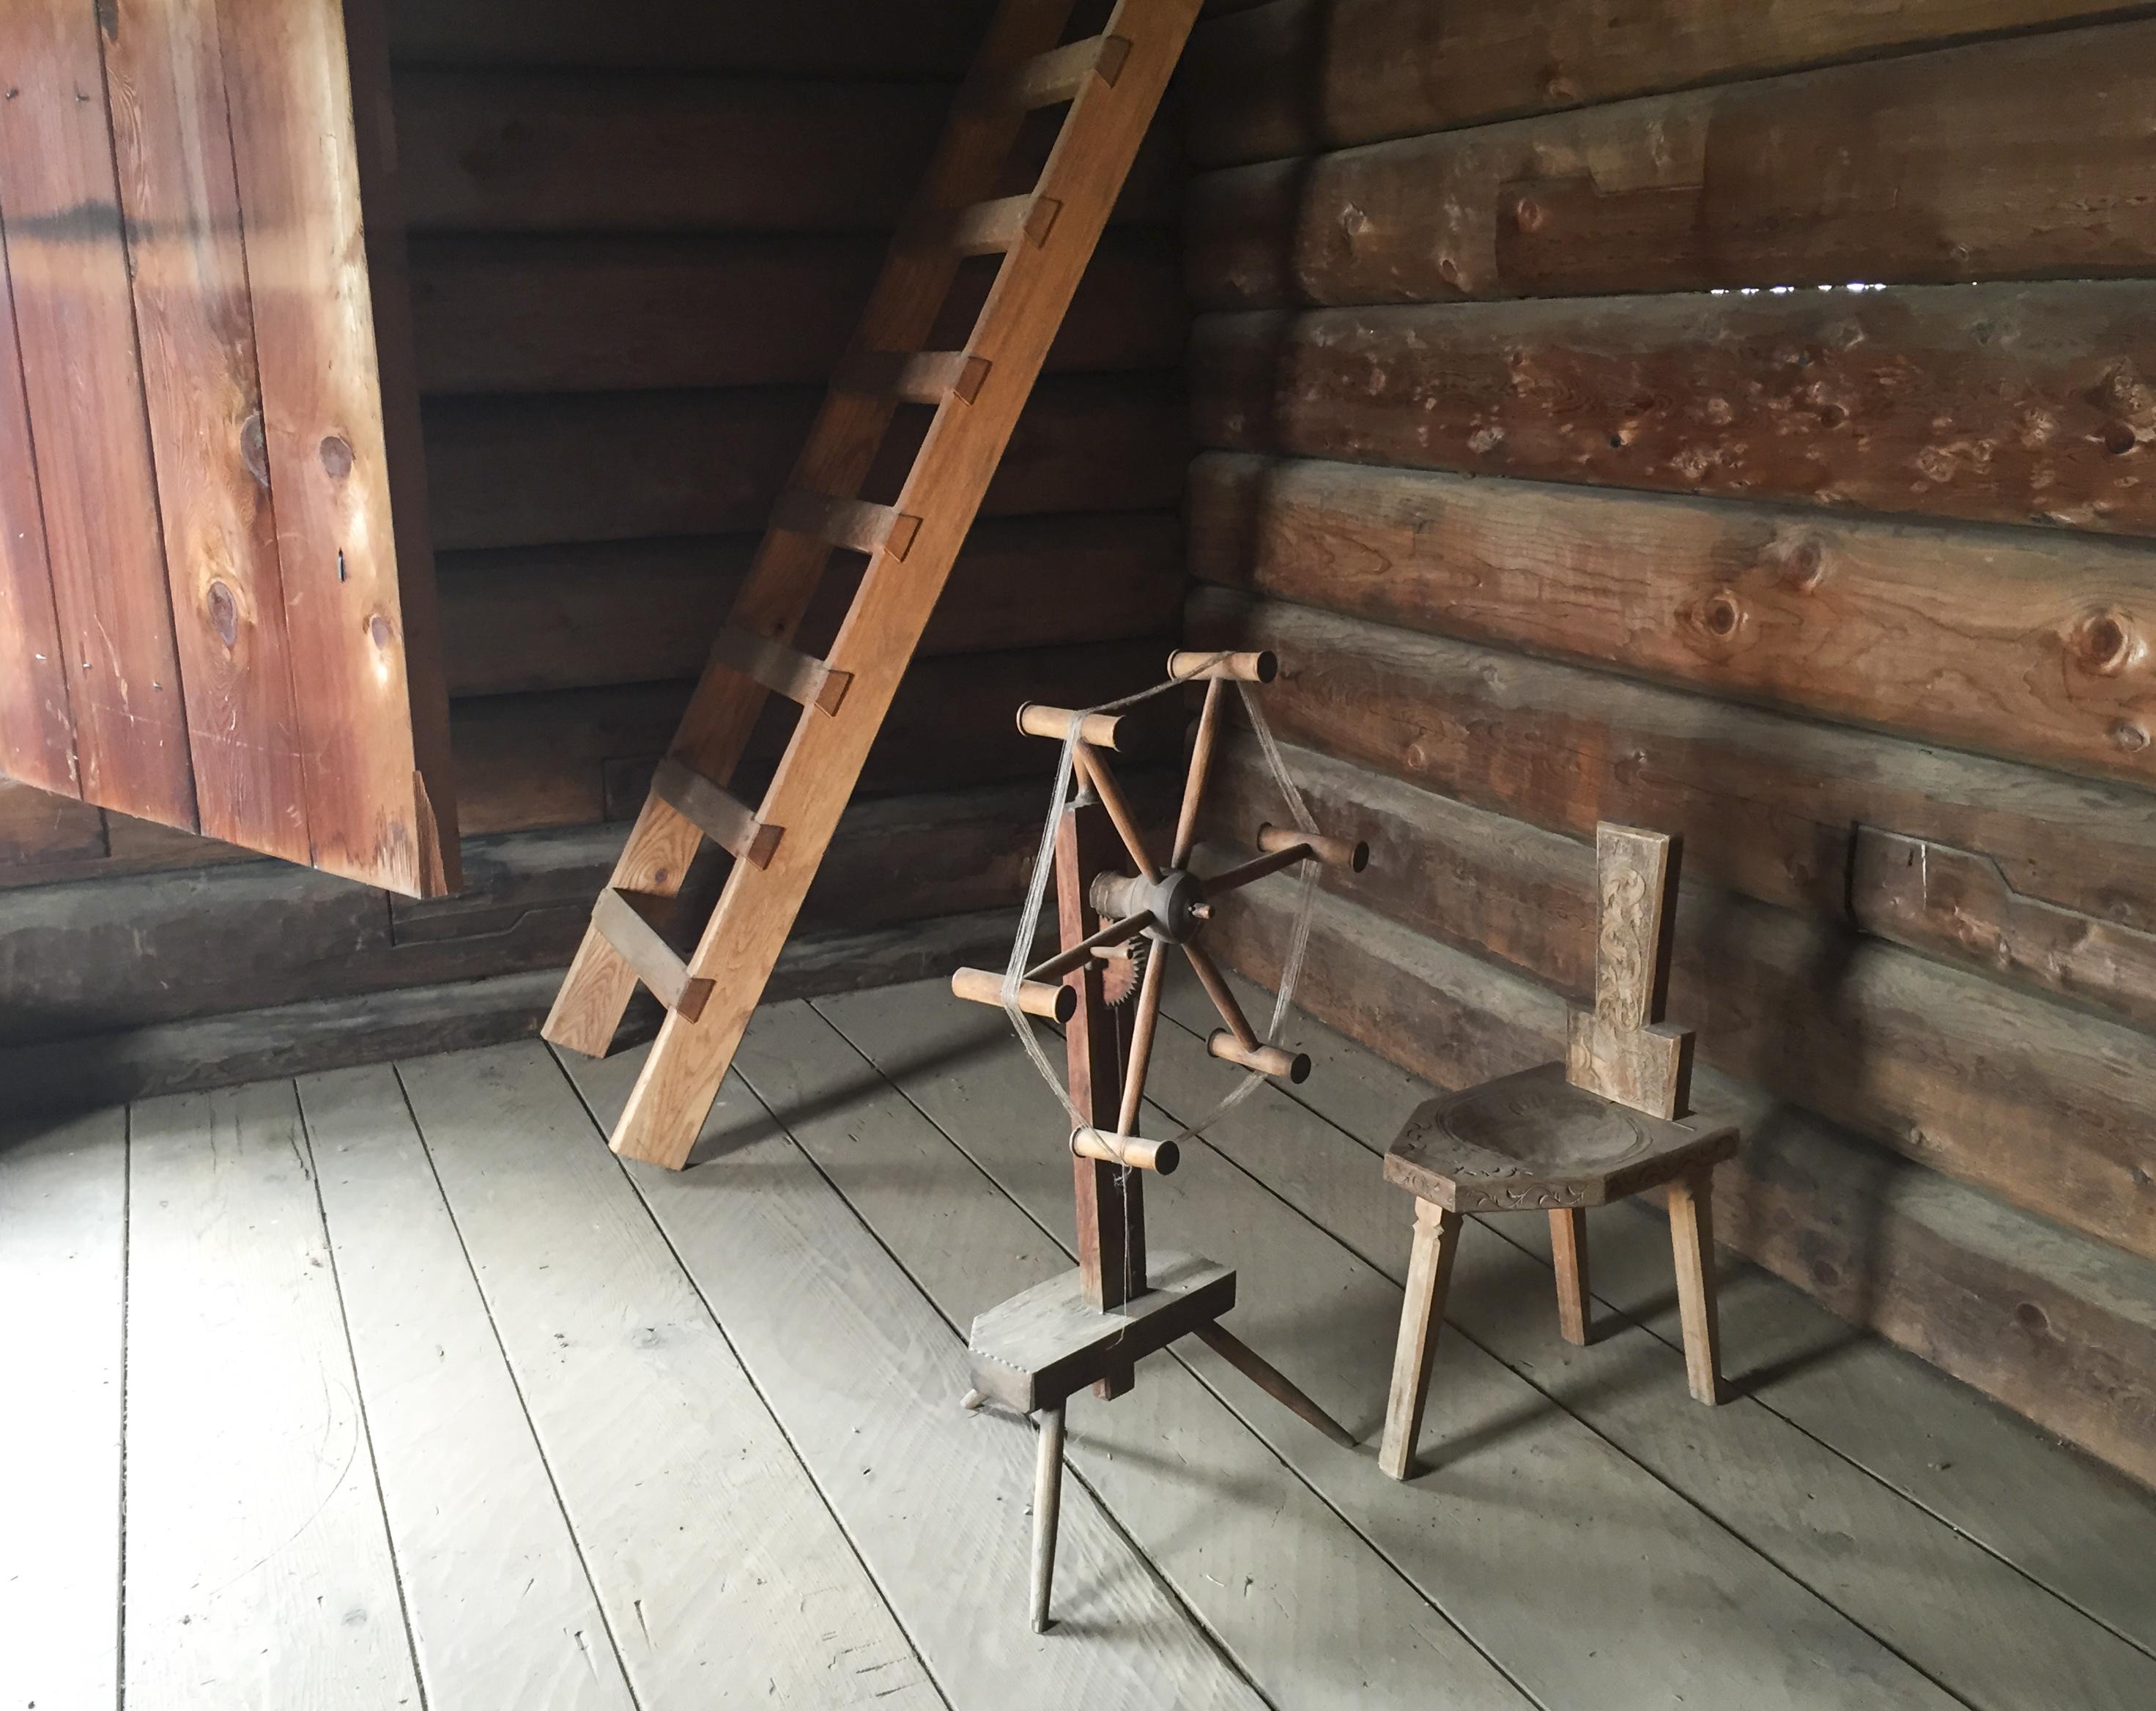 1800s chores